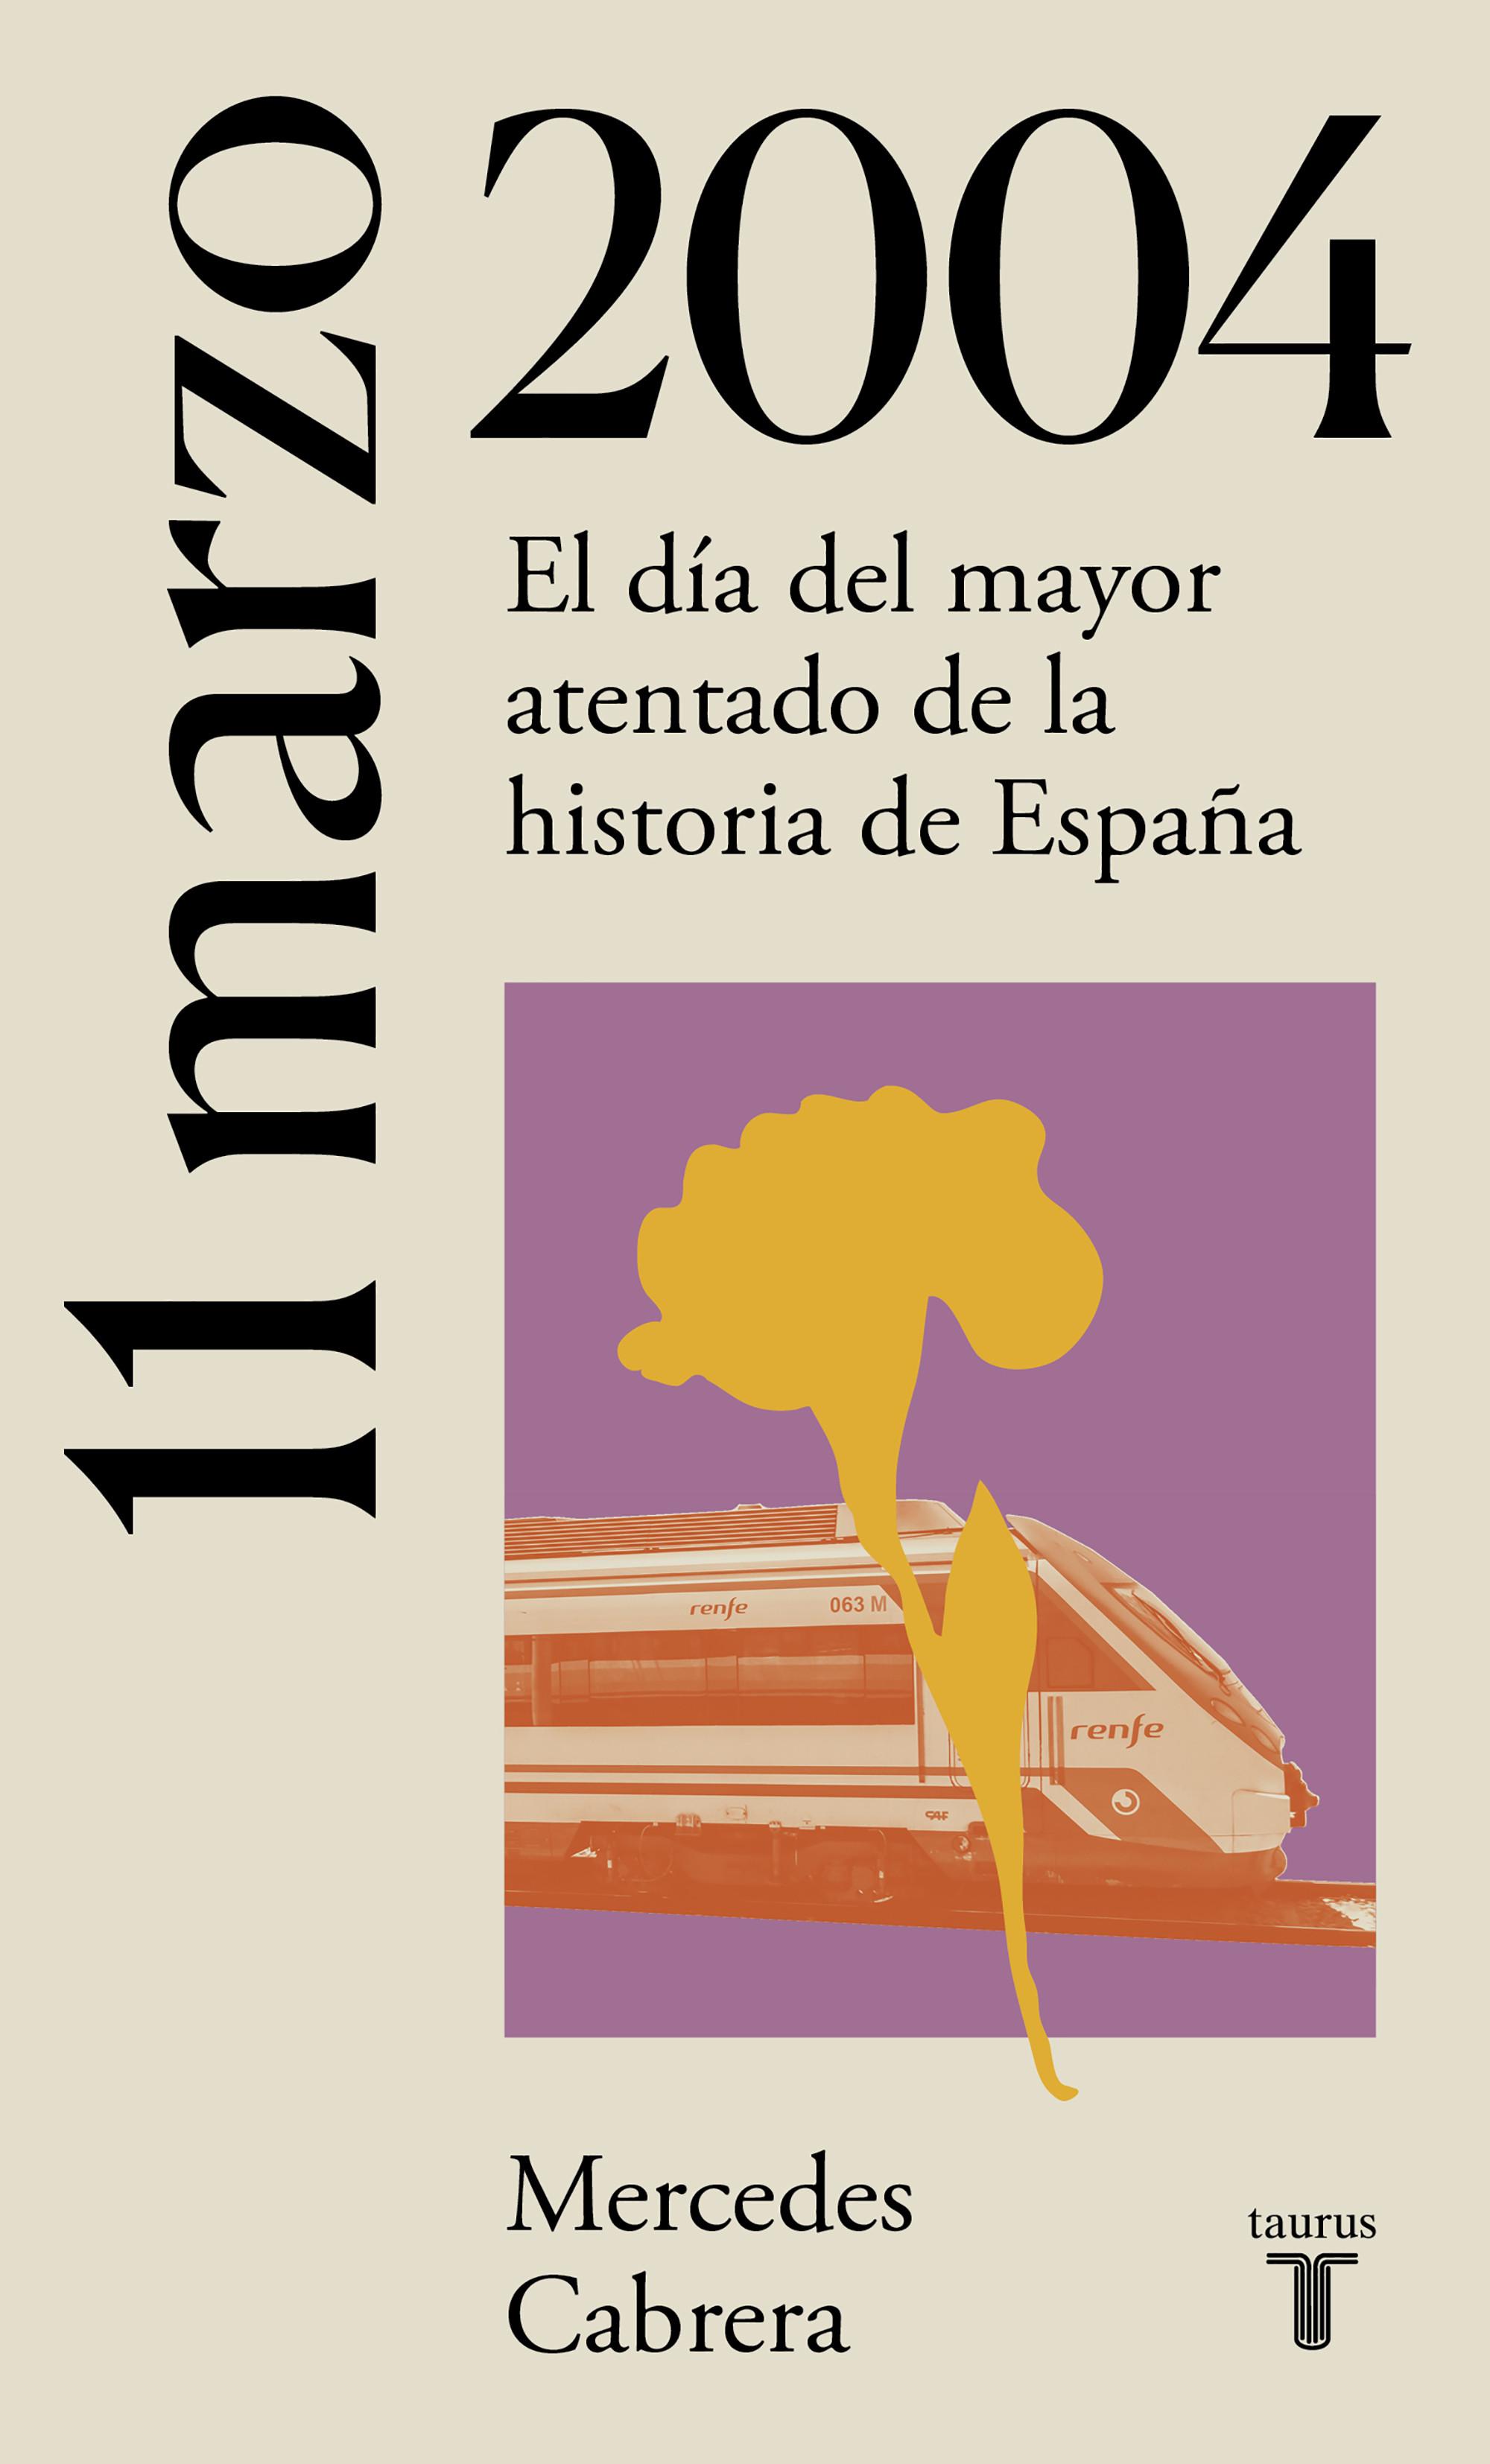 11 de marzo de 2004 (La España del siglo XX en siete días)